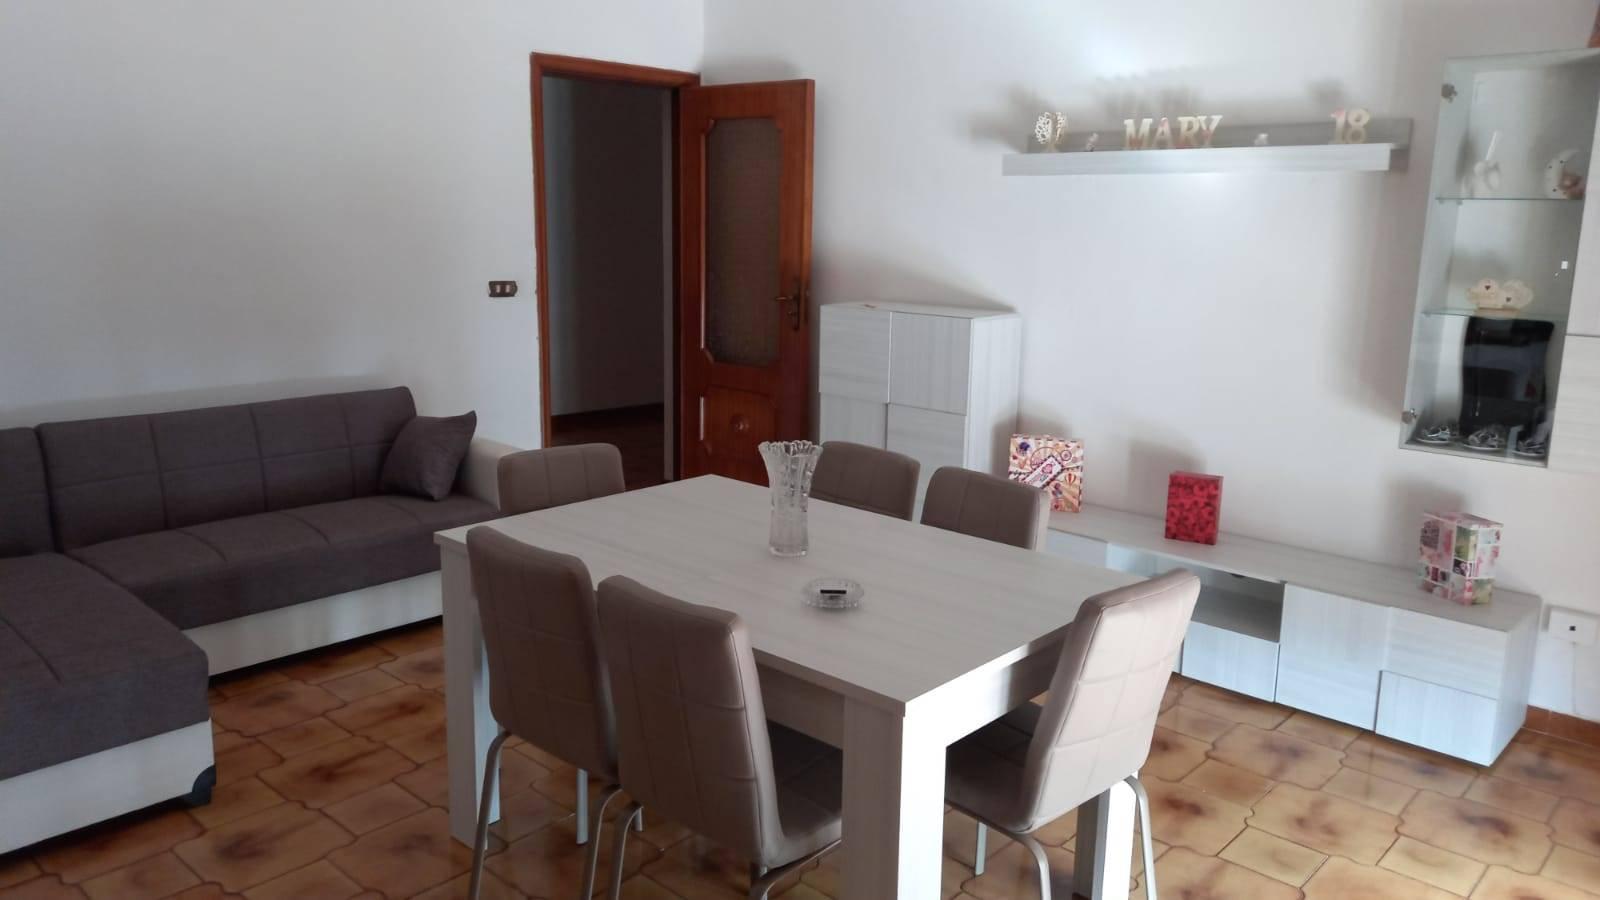 Appartamento in vendita a Nola, 3 locali, zona Località: NOLA, prezzo € 100.000   CambioCasa.it